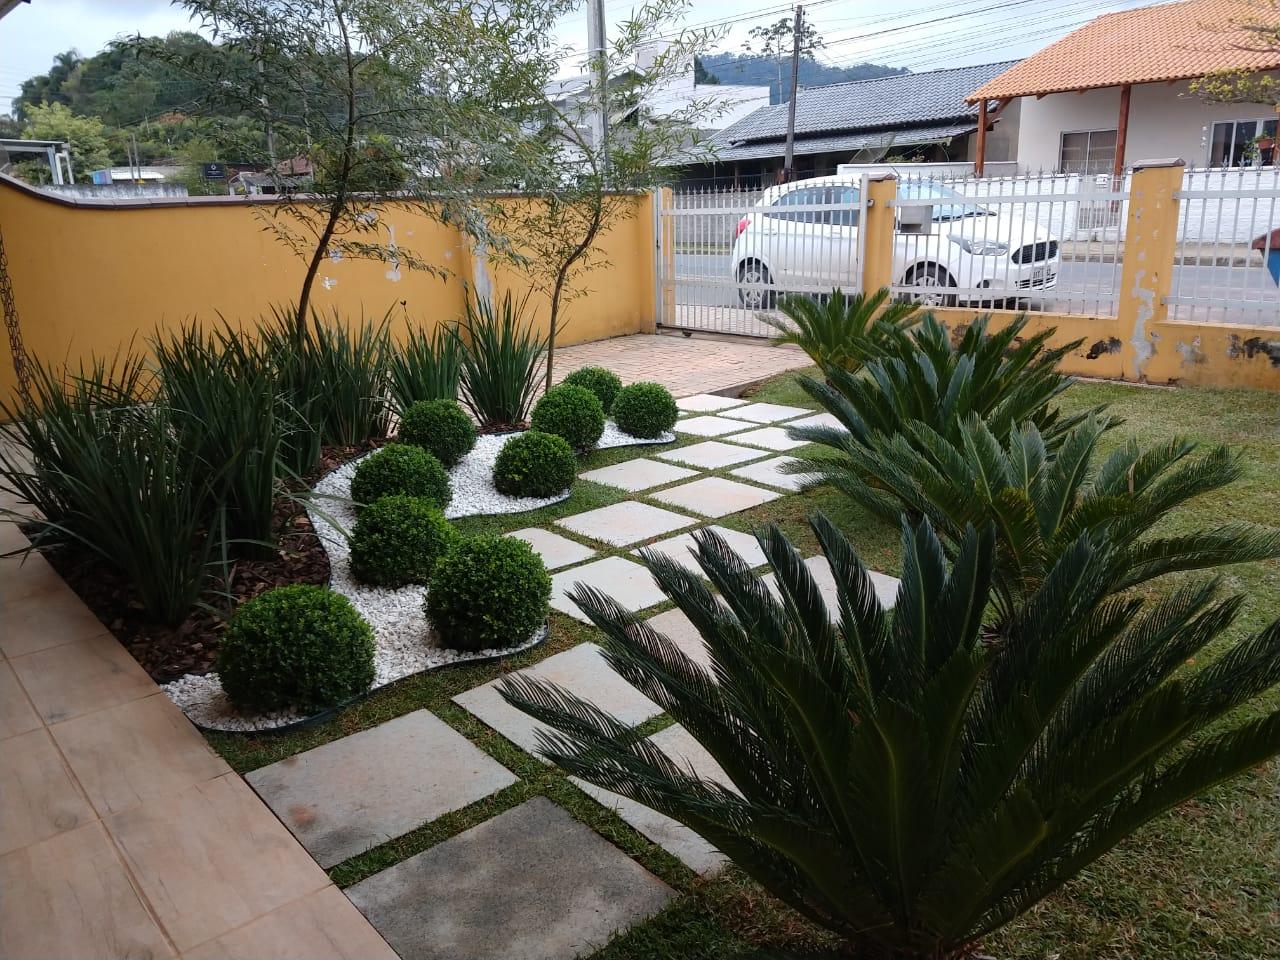 [ANTES E DEPOIS] Projeto Paisagismo e Jardinagem Jardim Maria em Indaial